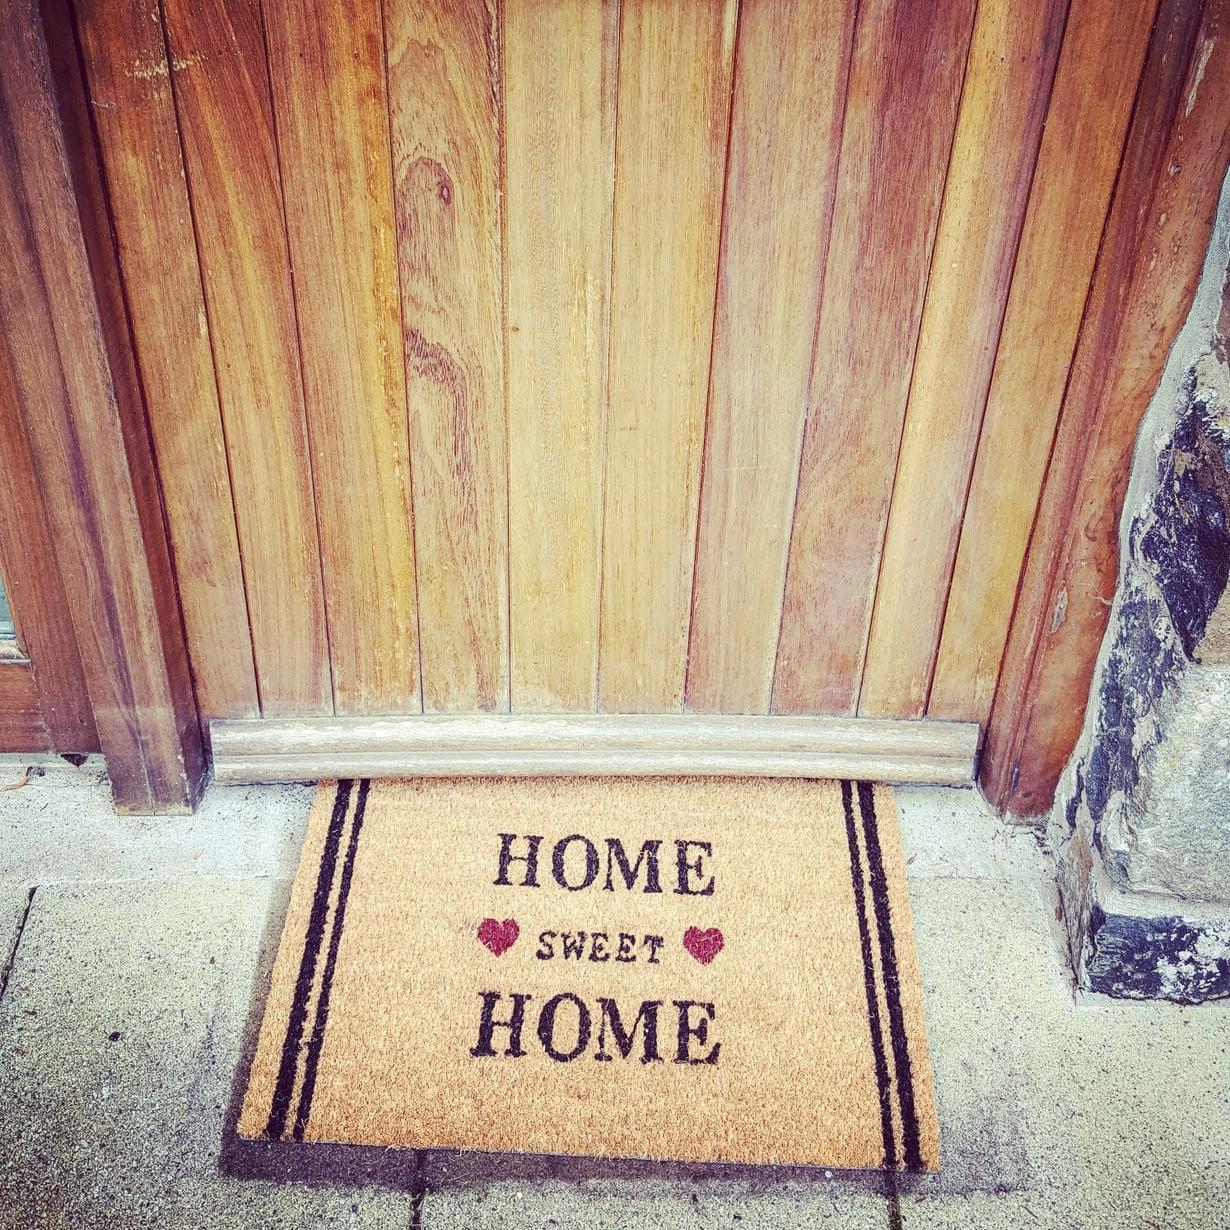 Ettei olisi vuokralainen tämän oven takana? Kuva: Shutterstock